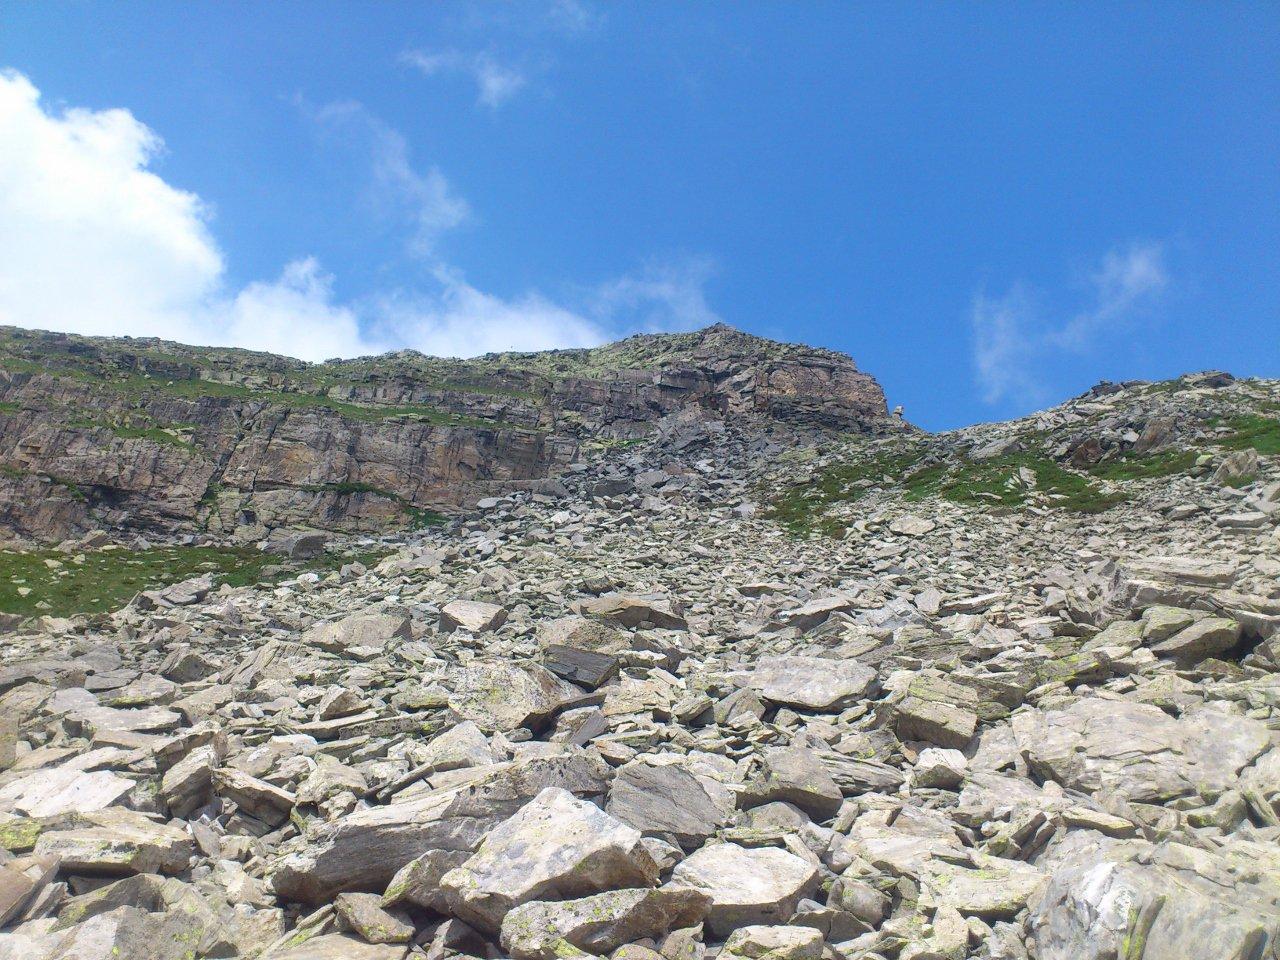 Pizzo Rovale visto da sotto, il percorso passa sul la dx della montagna, raggiunge il caratteristico masso inclinato dove c'è la placca/passaggio attrezzata con cavo